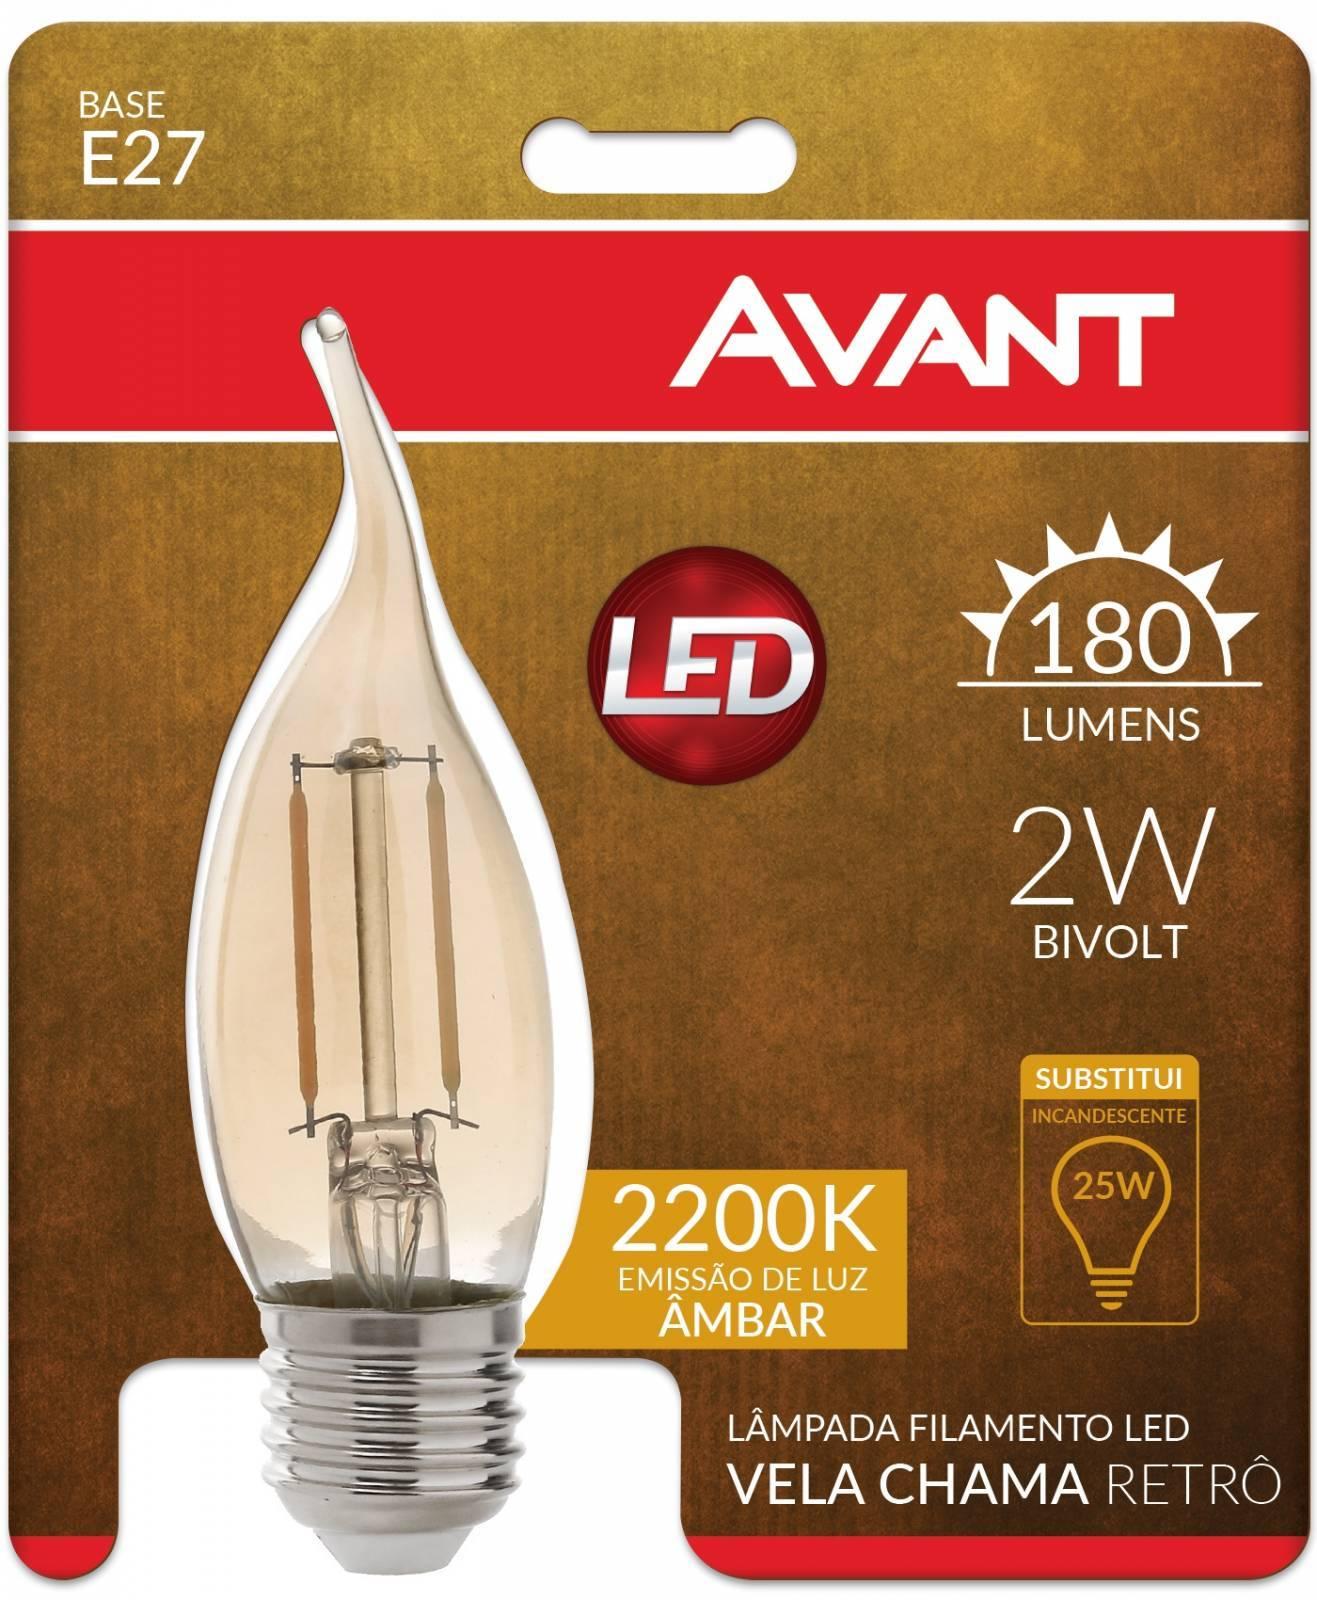 Lâmpada Retrô Filamento Vela e-27 2.W 2200k Luz Âmbar - Casa Sul Materiais e Acabamento